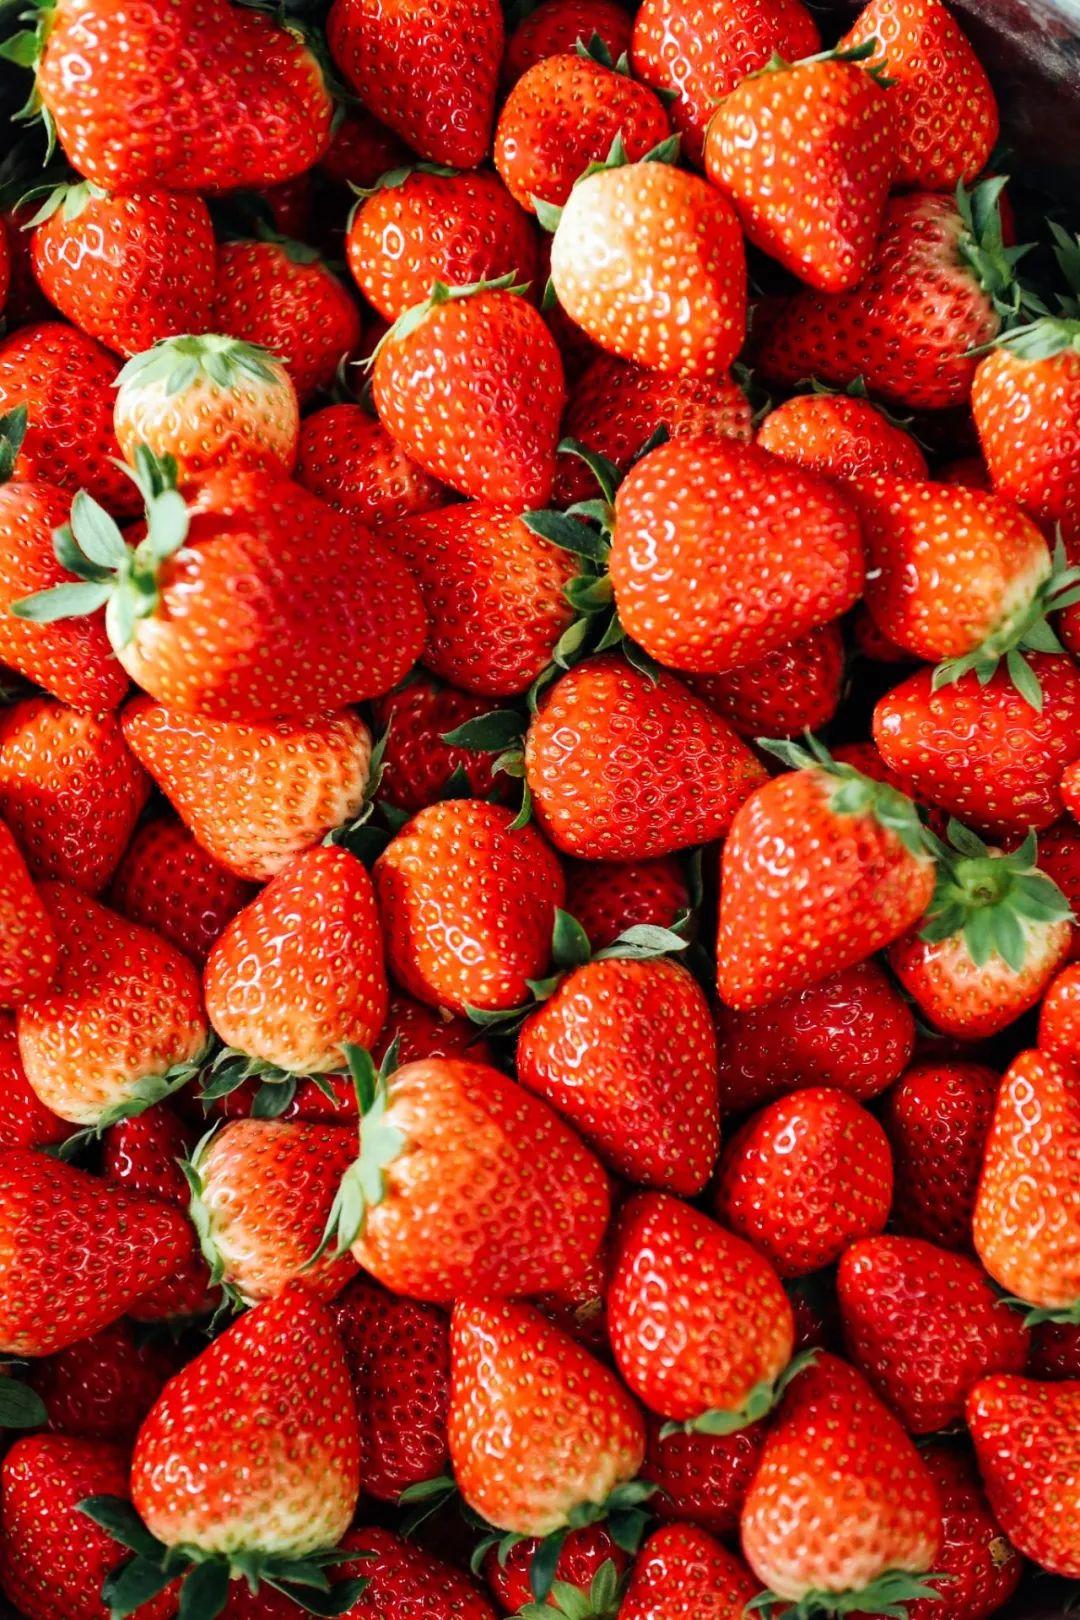 """【邻居团购】有机草莓顺丰直发宝山!当天采摘果味纯正,""""草莓界的奥斯卡"""" 颗颗让你吃出健康美味!"""